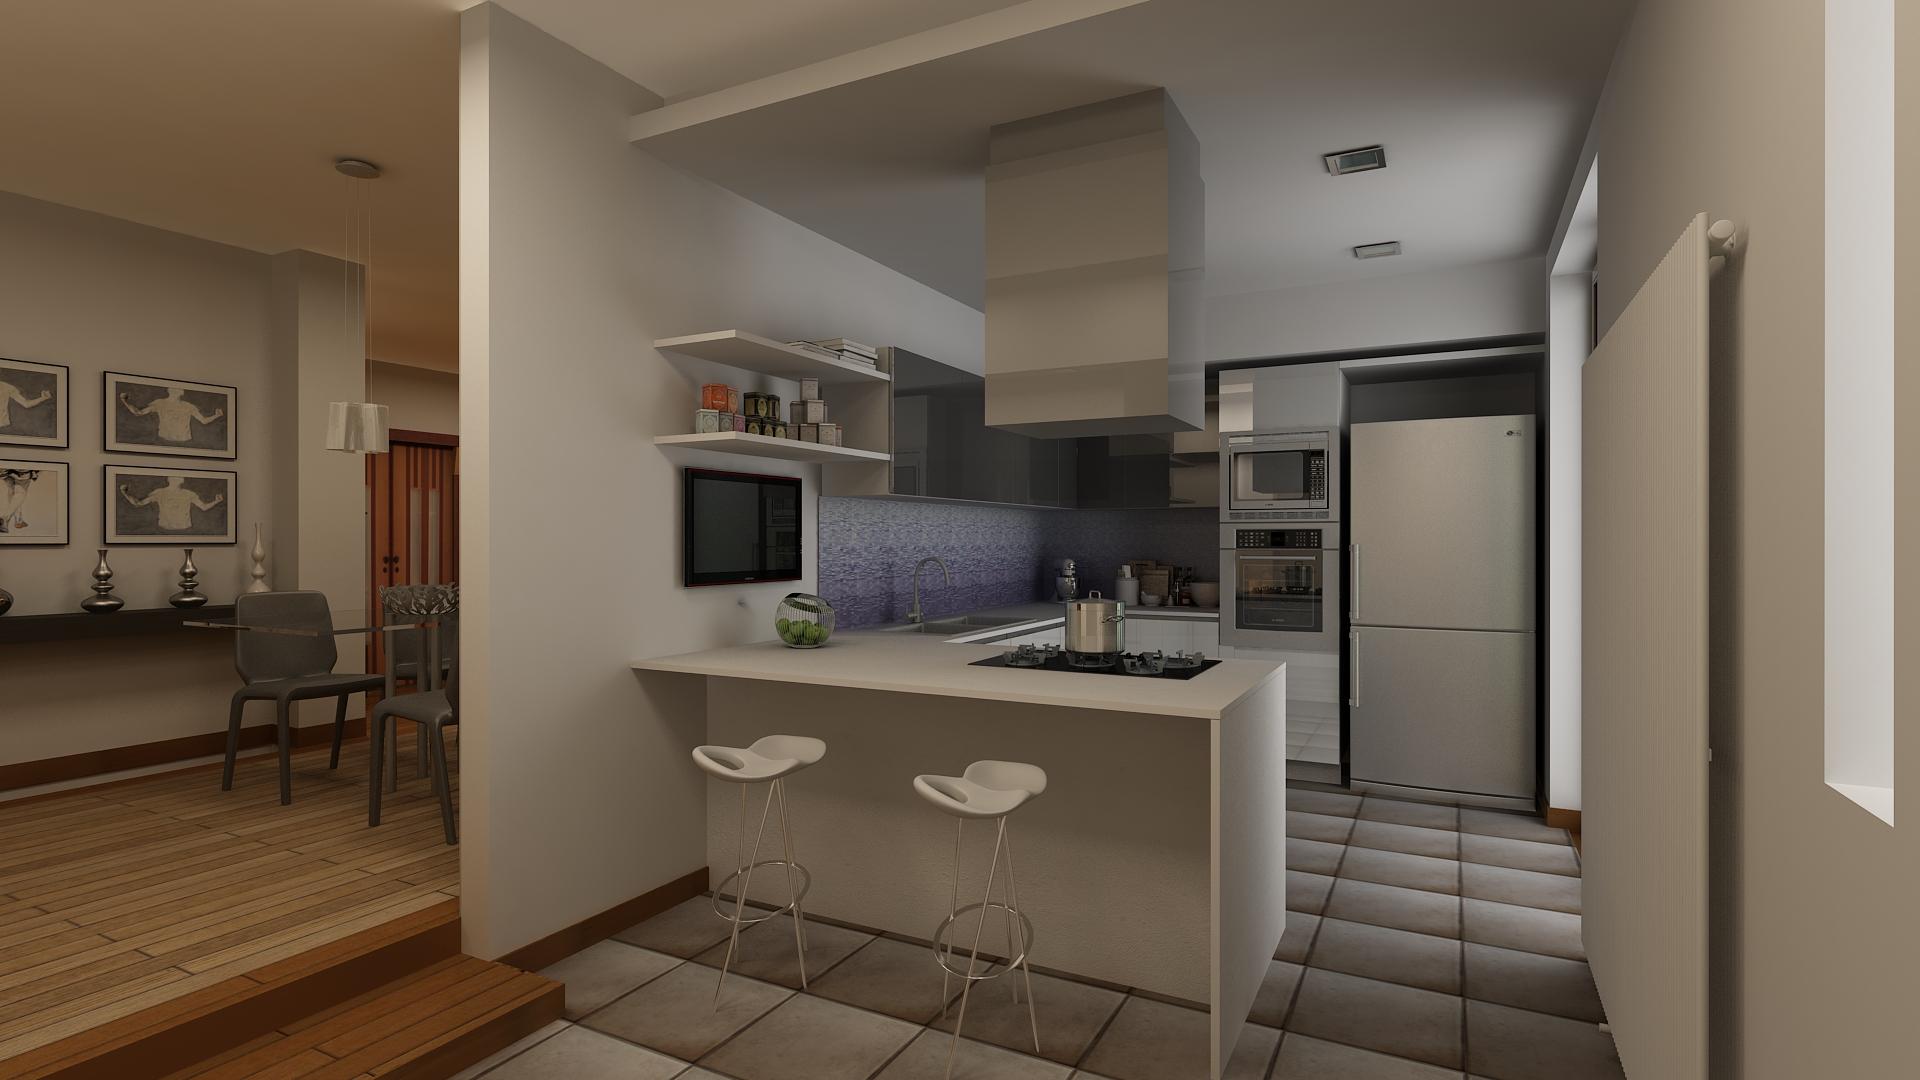 Cucina salone arketipo - Parete attrezzata con divano ...